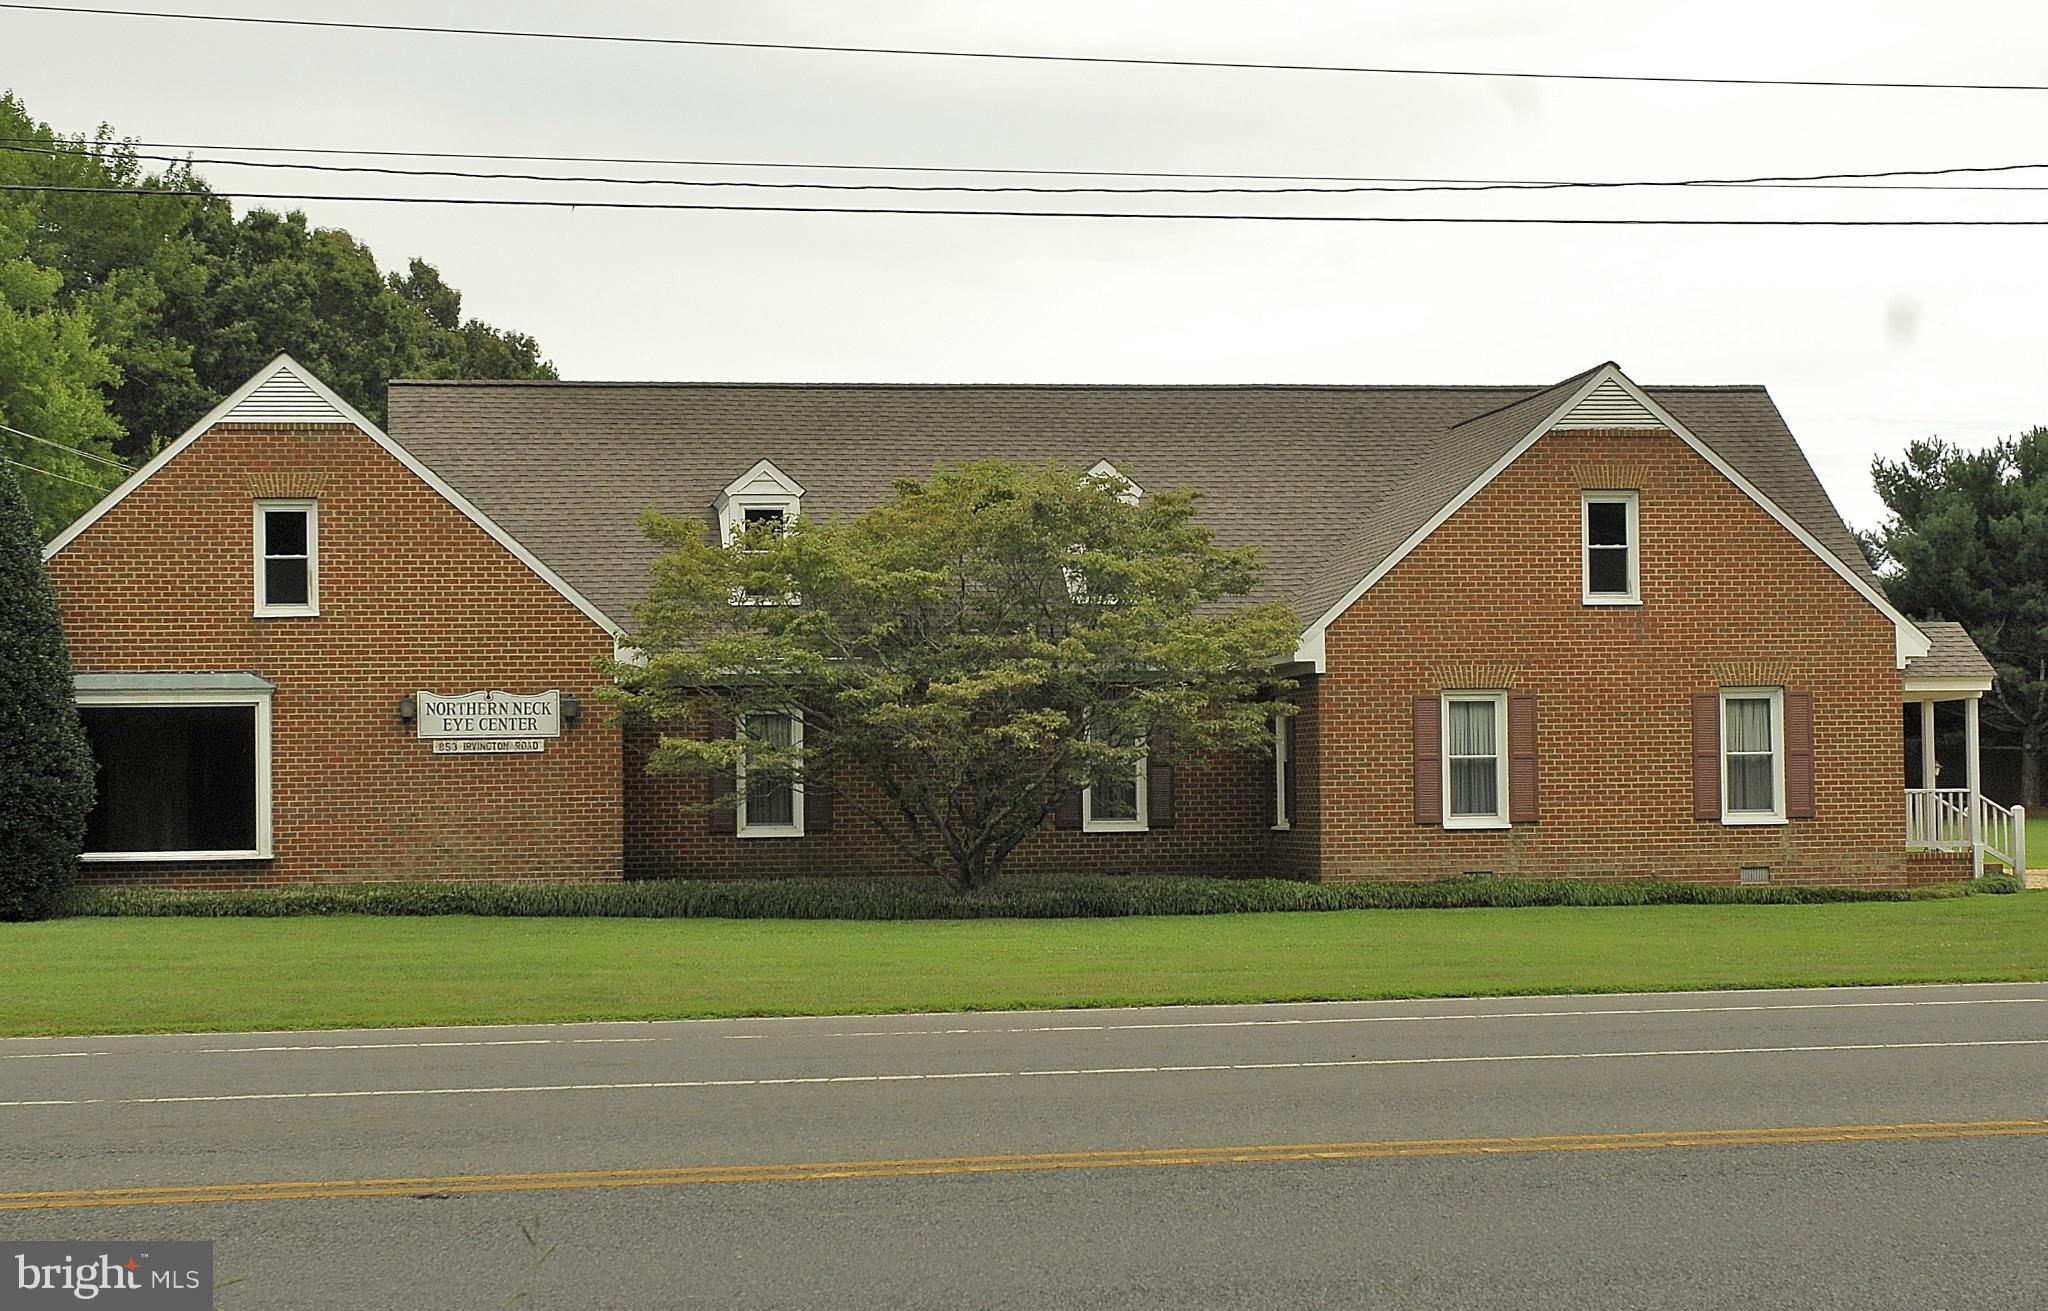 853 IRVINGTON ROAD, KILMARNOCK, VA 22482